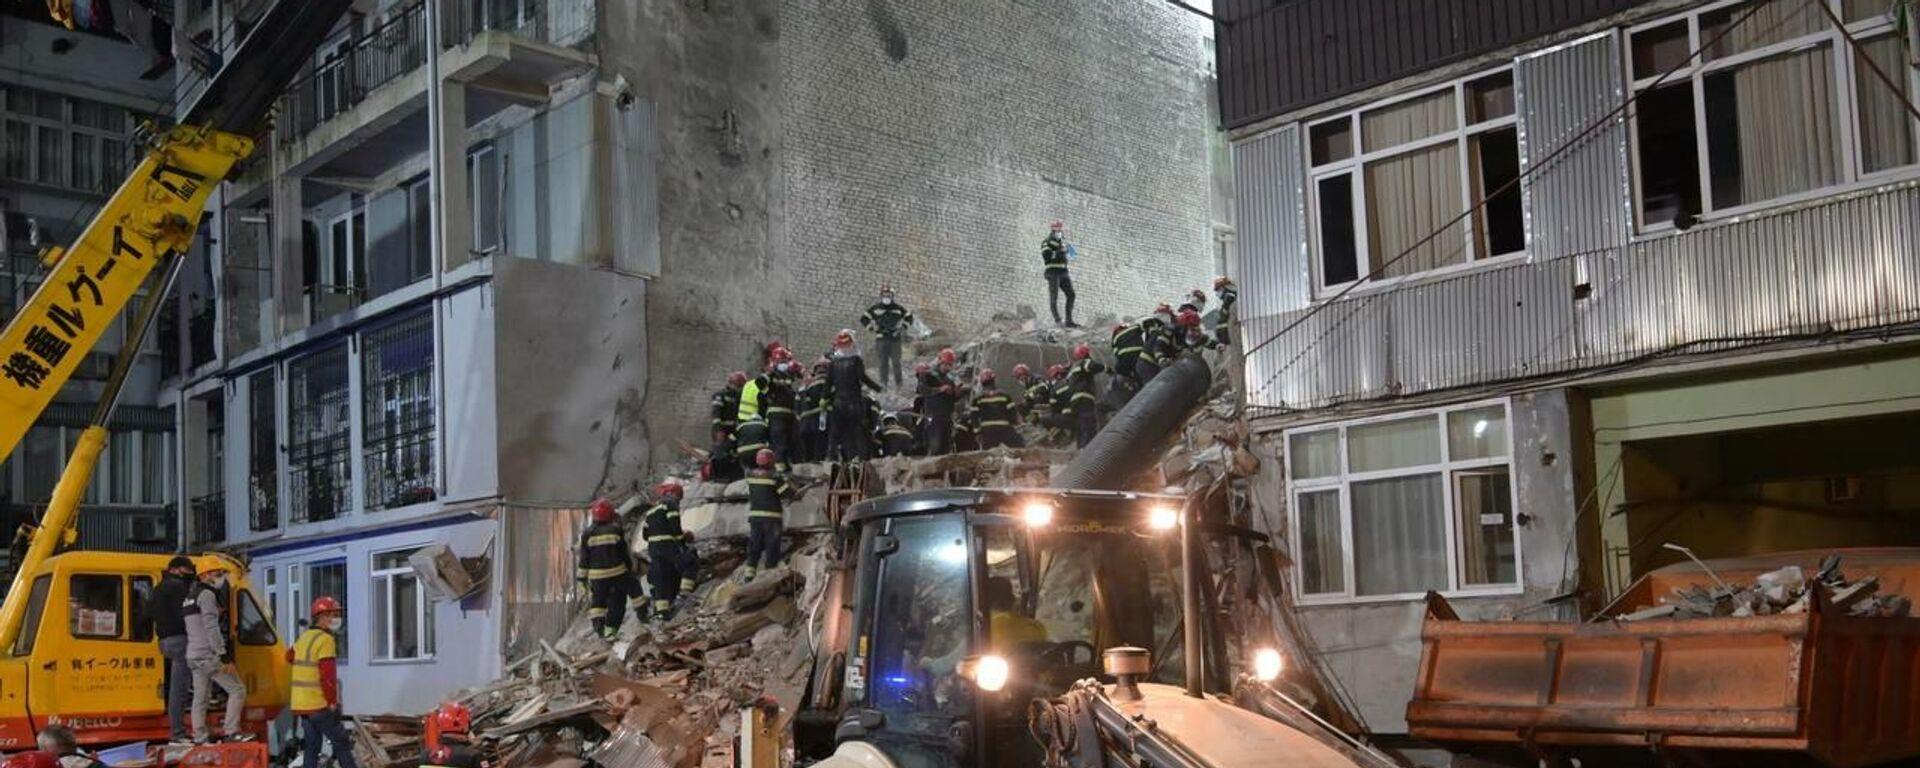 Ночная спасательная операция на месте обрушения жилого дома в Батуми 8 октября 2021 года - Sputnik საქართველო, 1920, 09.10.2021